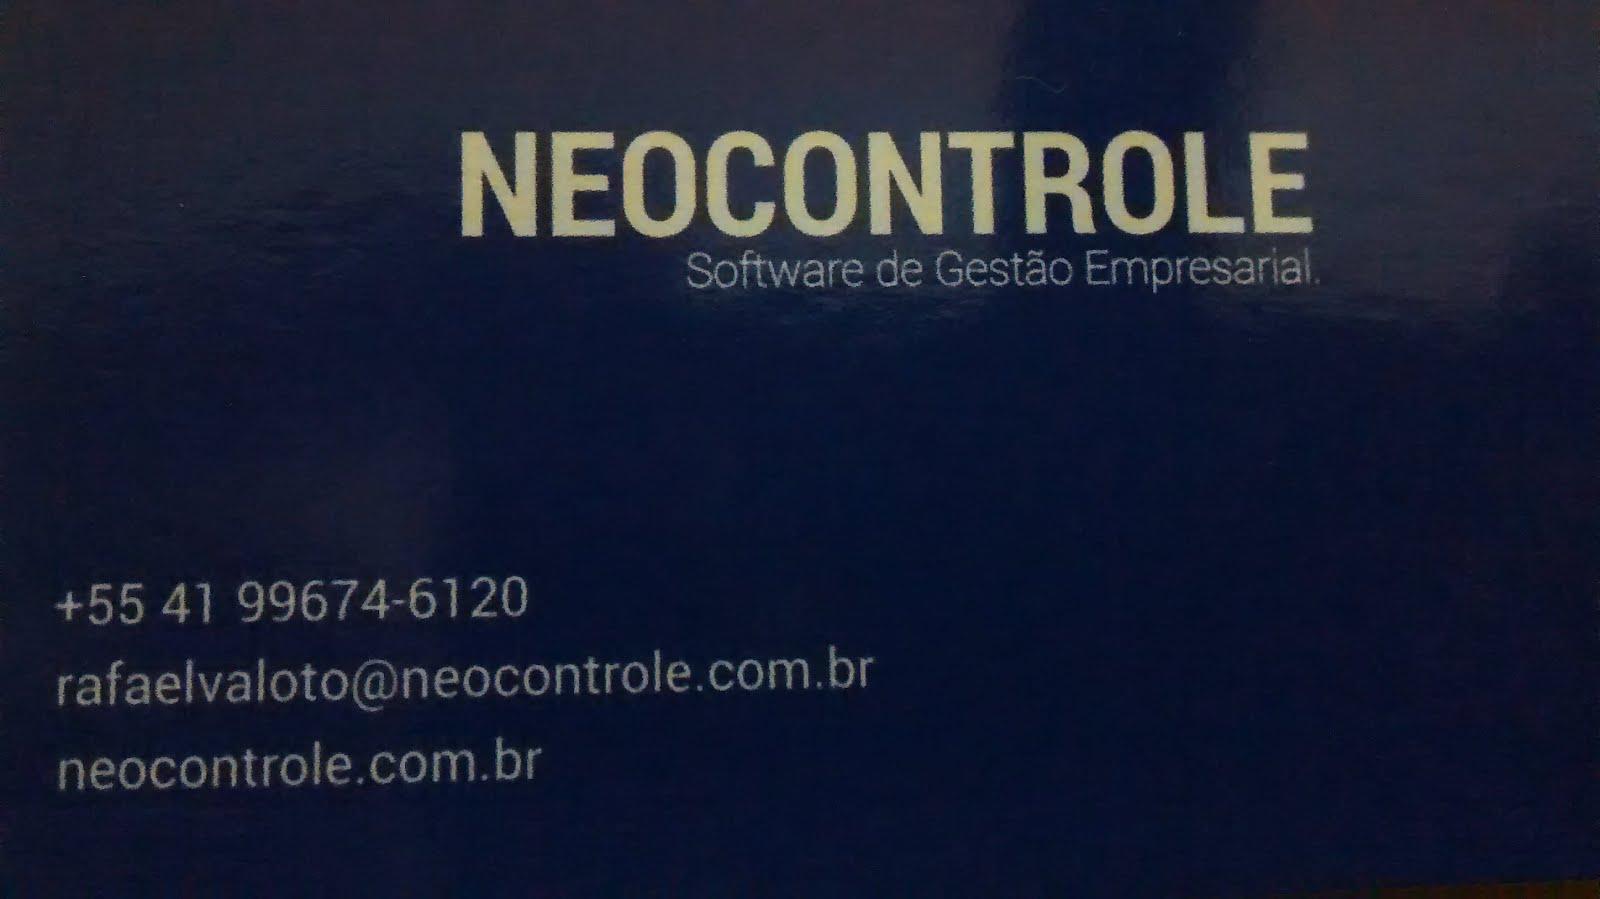 neocontrole